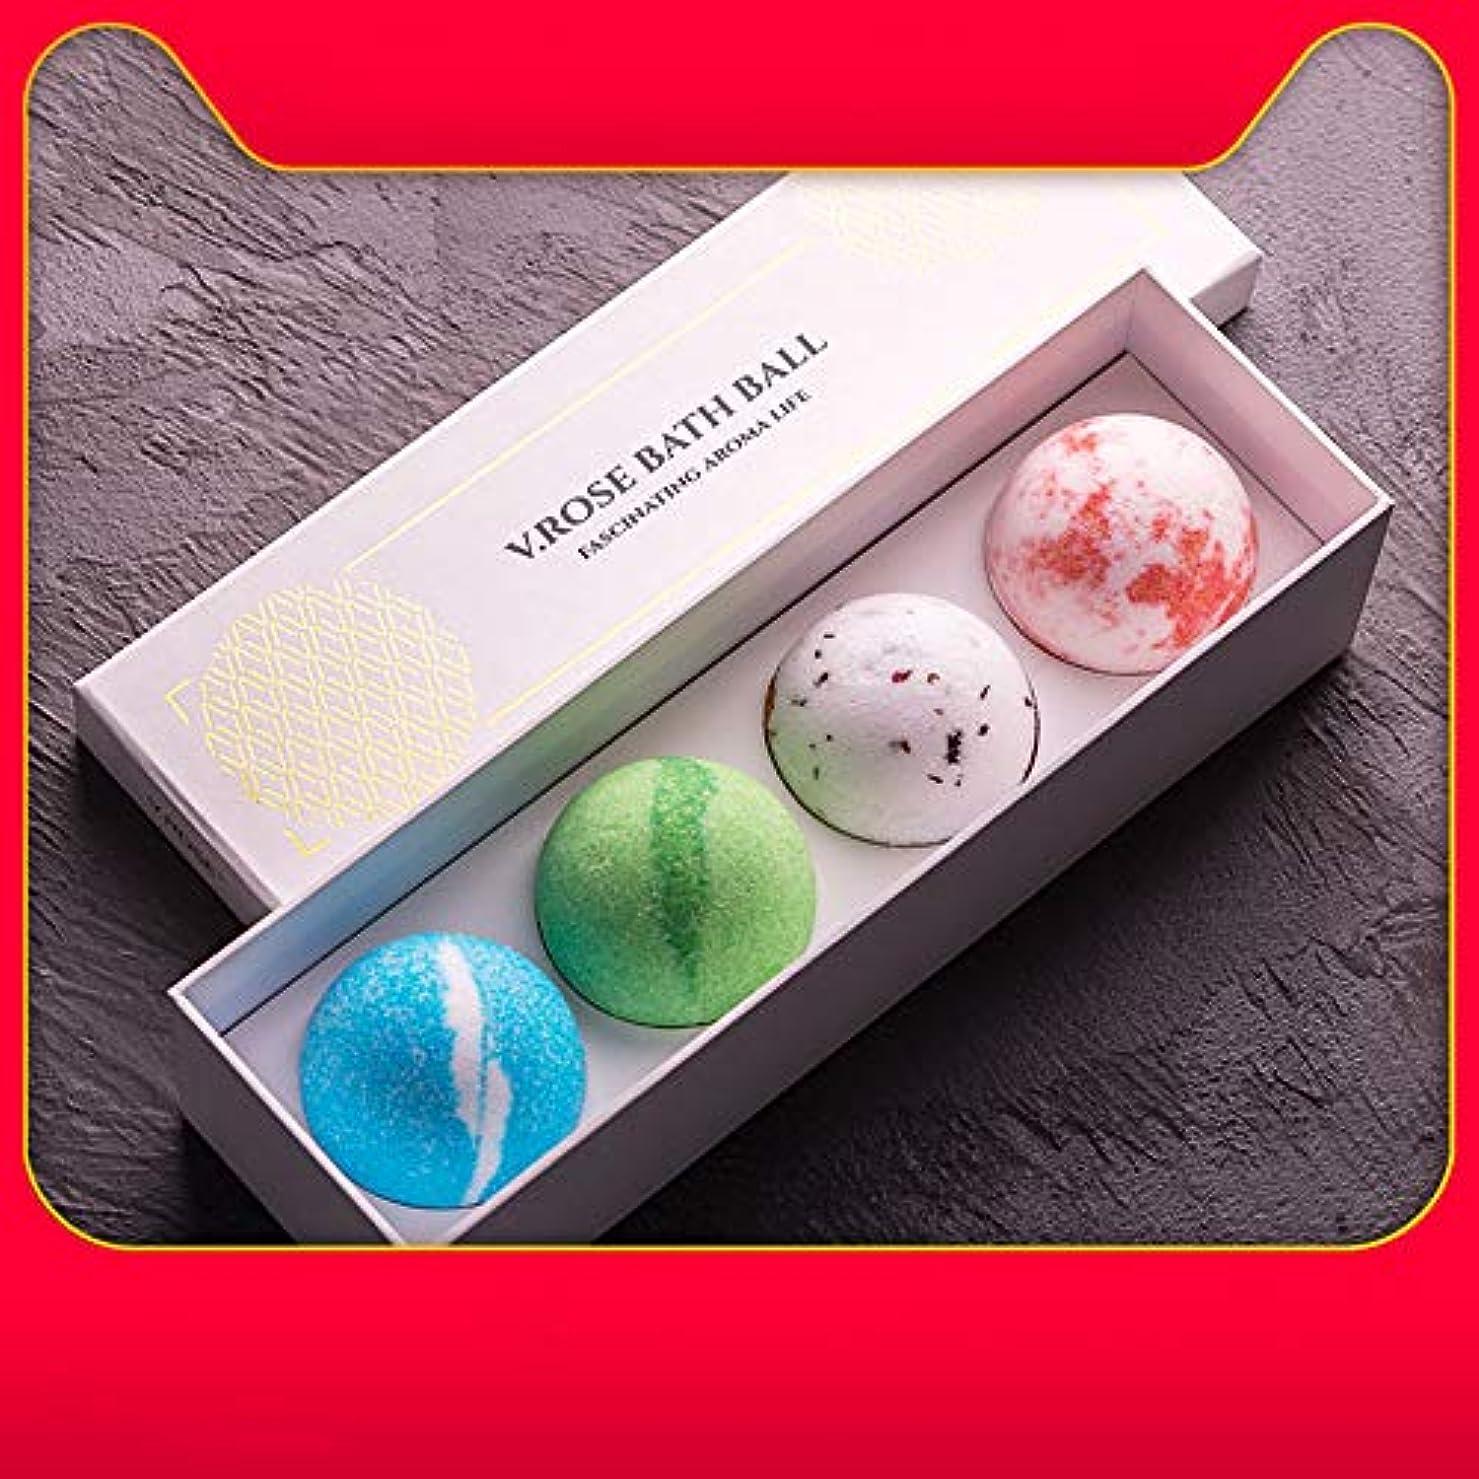 ケージコマース質素なバスボム 炭酸 入浴剤 ギフト 手作り お風呂用 4つの香りキット 天然素材 カラフル バスボール 母の日 結婚記念日 プレゼント